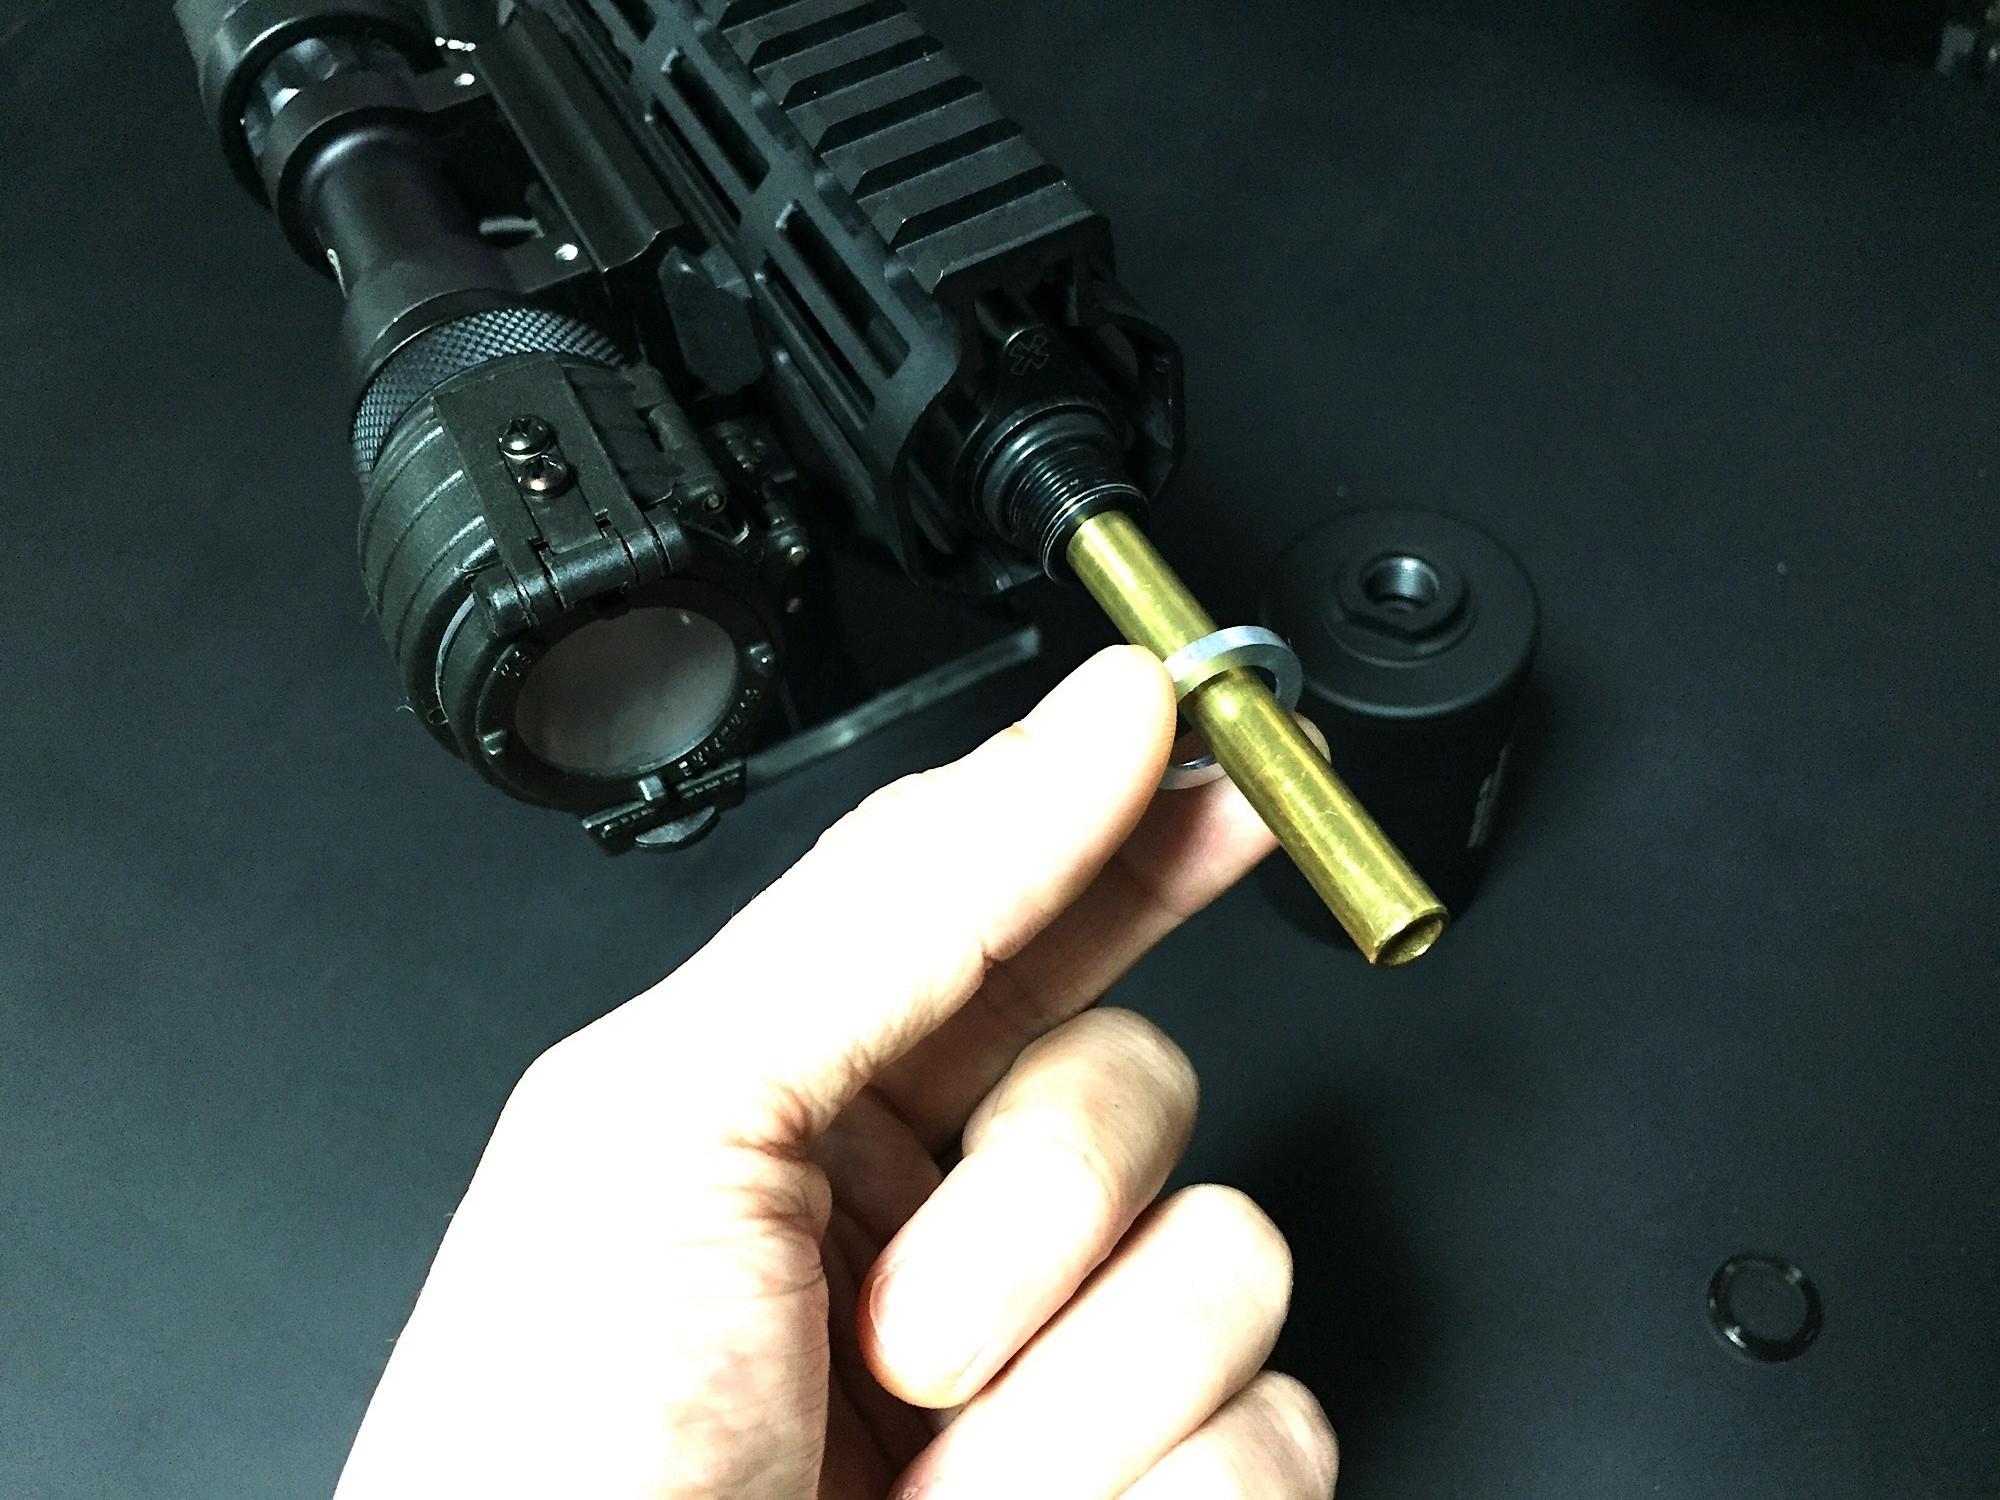 13 KAC Knight's Armament style Inconnel Flashider SV ナイツアーマメント タイプ 焼入れ スチール製 フラッシュハイダー 購入 開封 取付 レビュー